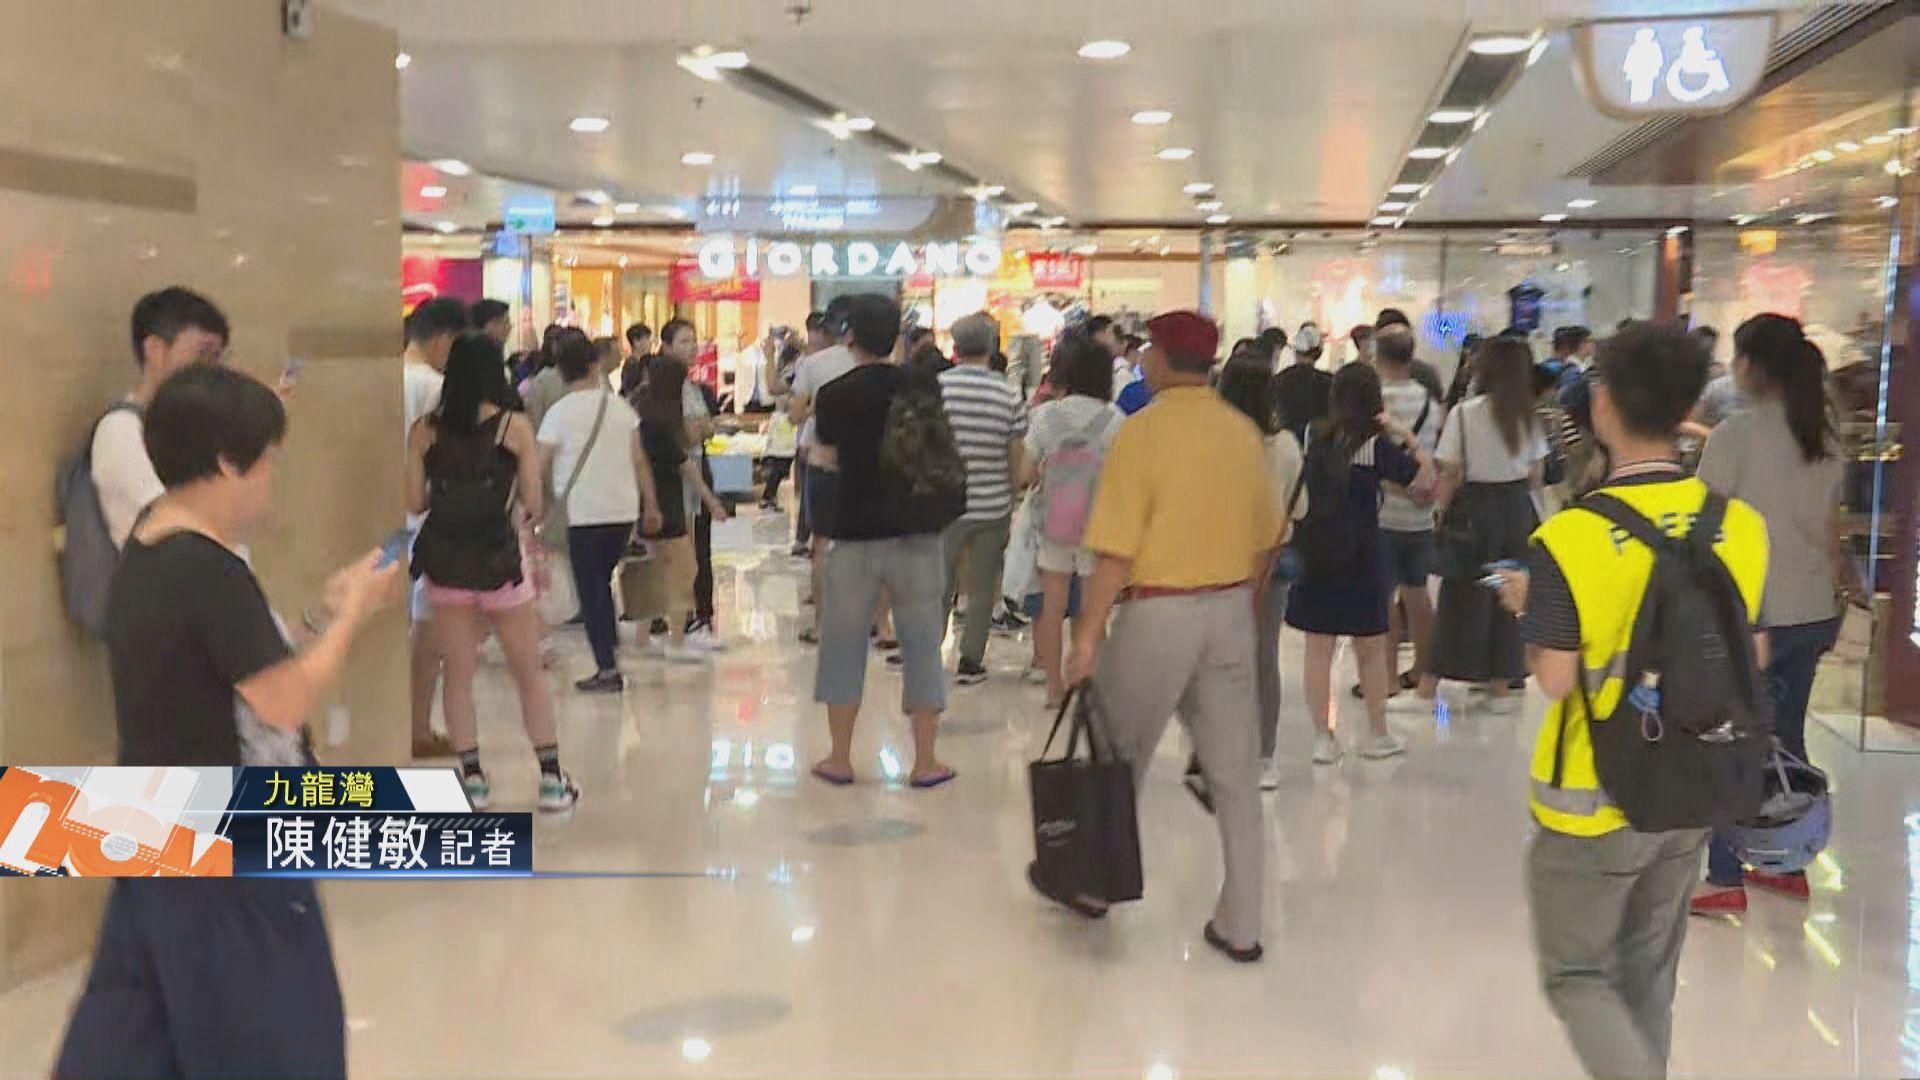 【現場報道‧九龍灣】市民在商場閒逛叫口號